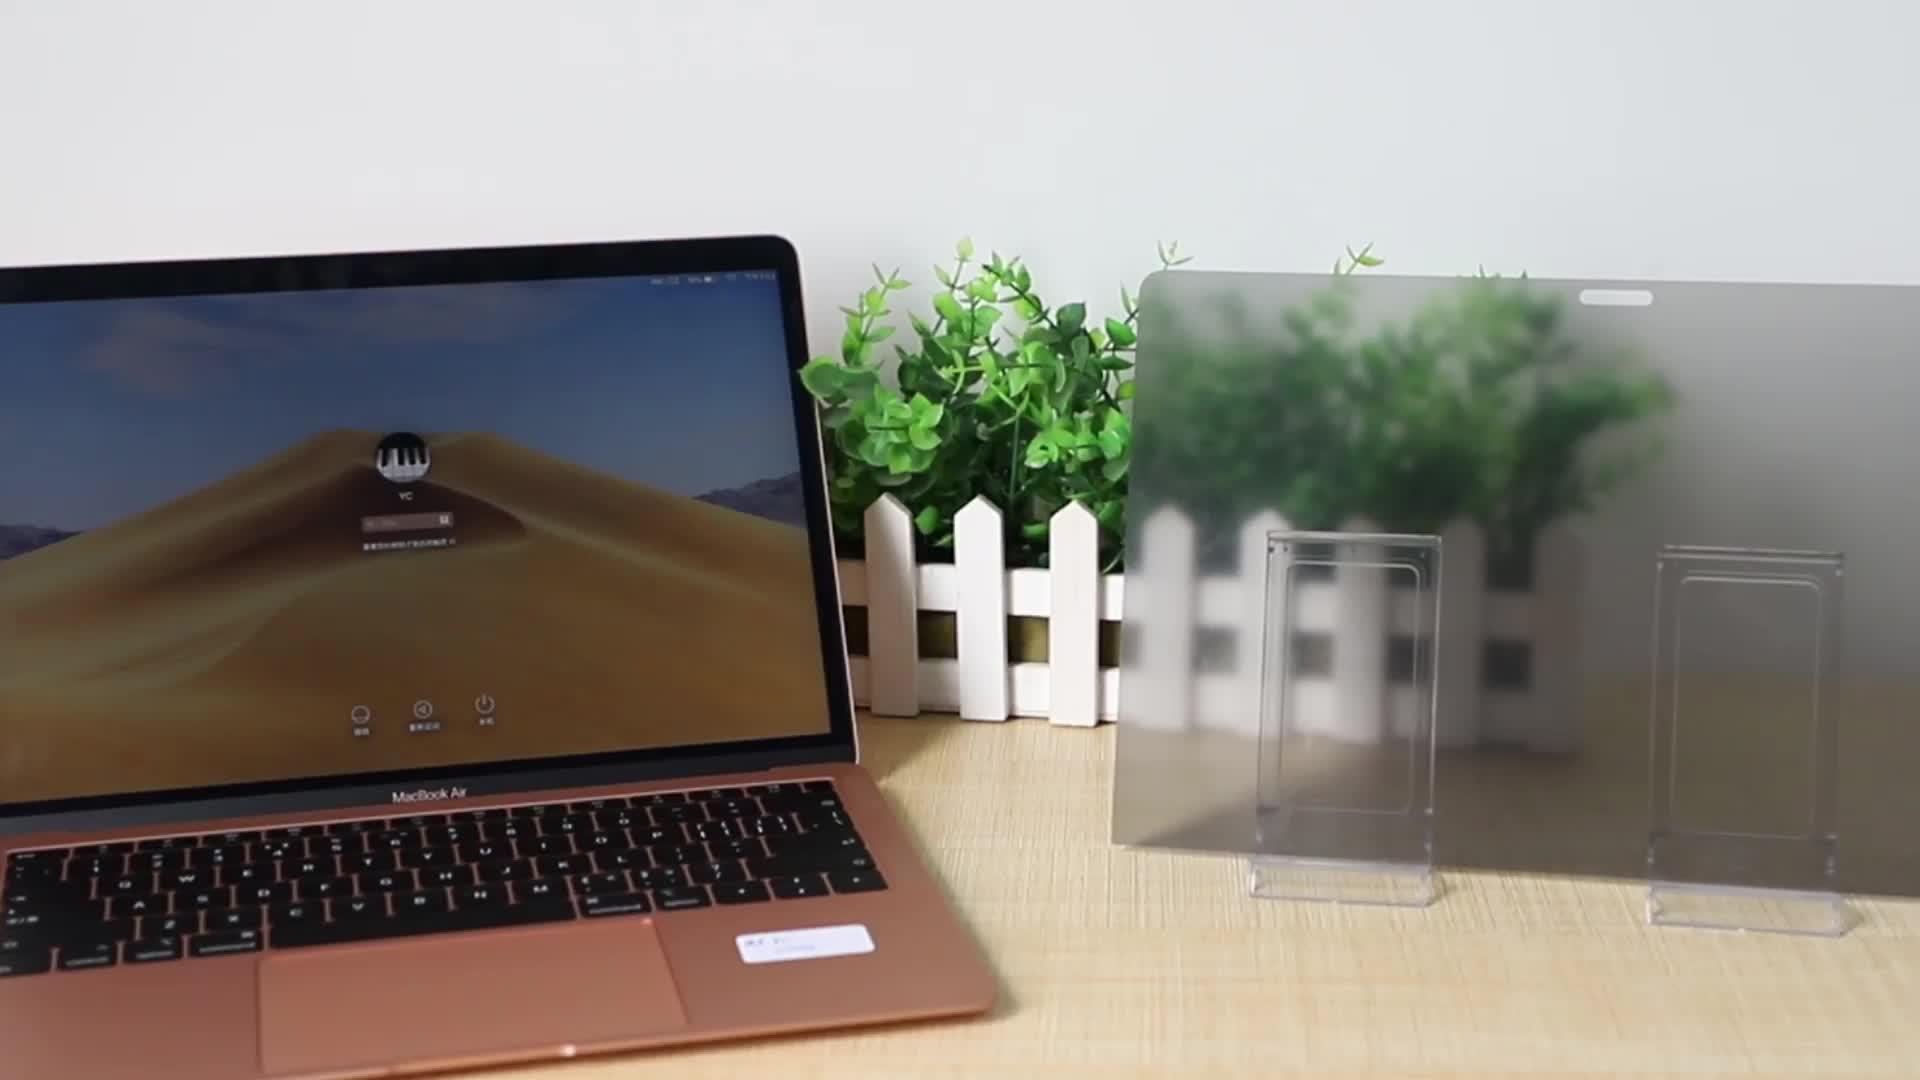 Fabrika Fiyat Anti-Spy Koruyucu Dizüstü Ekran Koruyucu ekran koruyucu Filtre 15 inç Dizüstü Bilgisayar için Gizlilik Filtresi (305mm * 228mm)